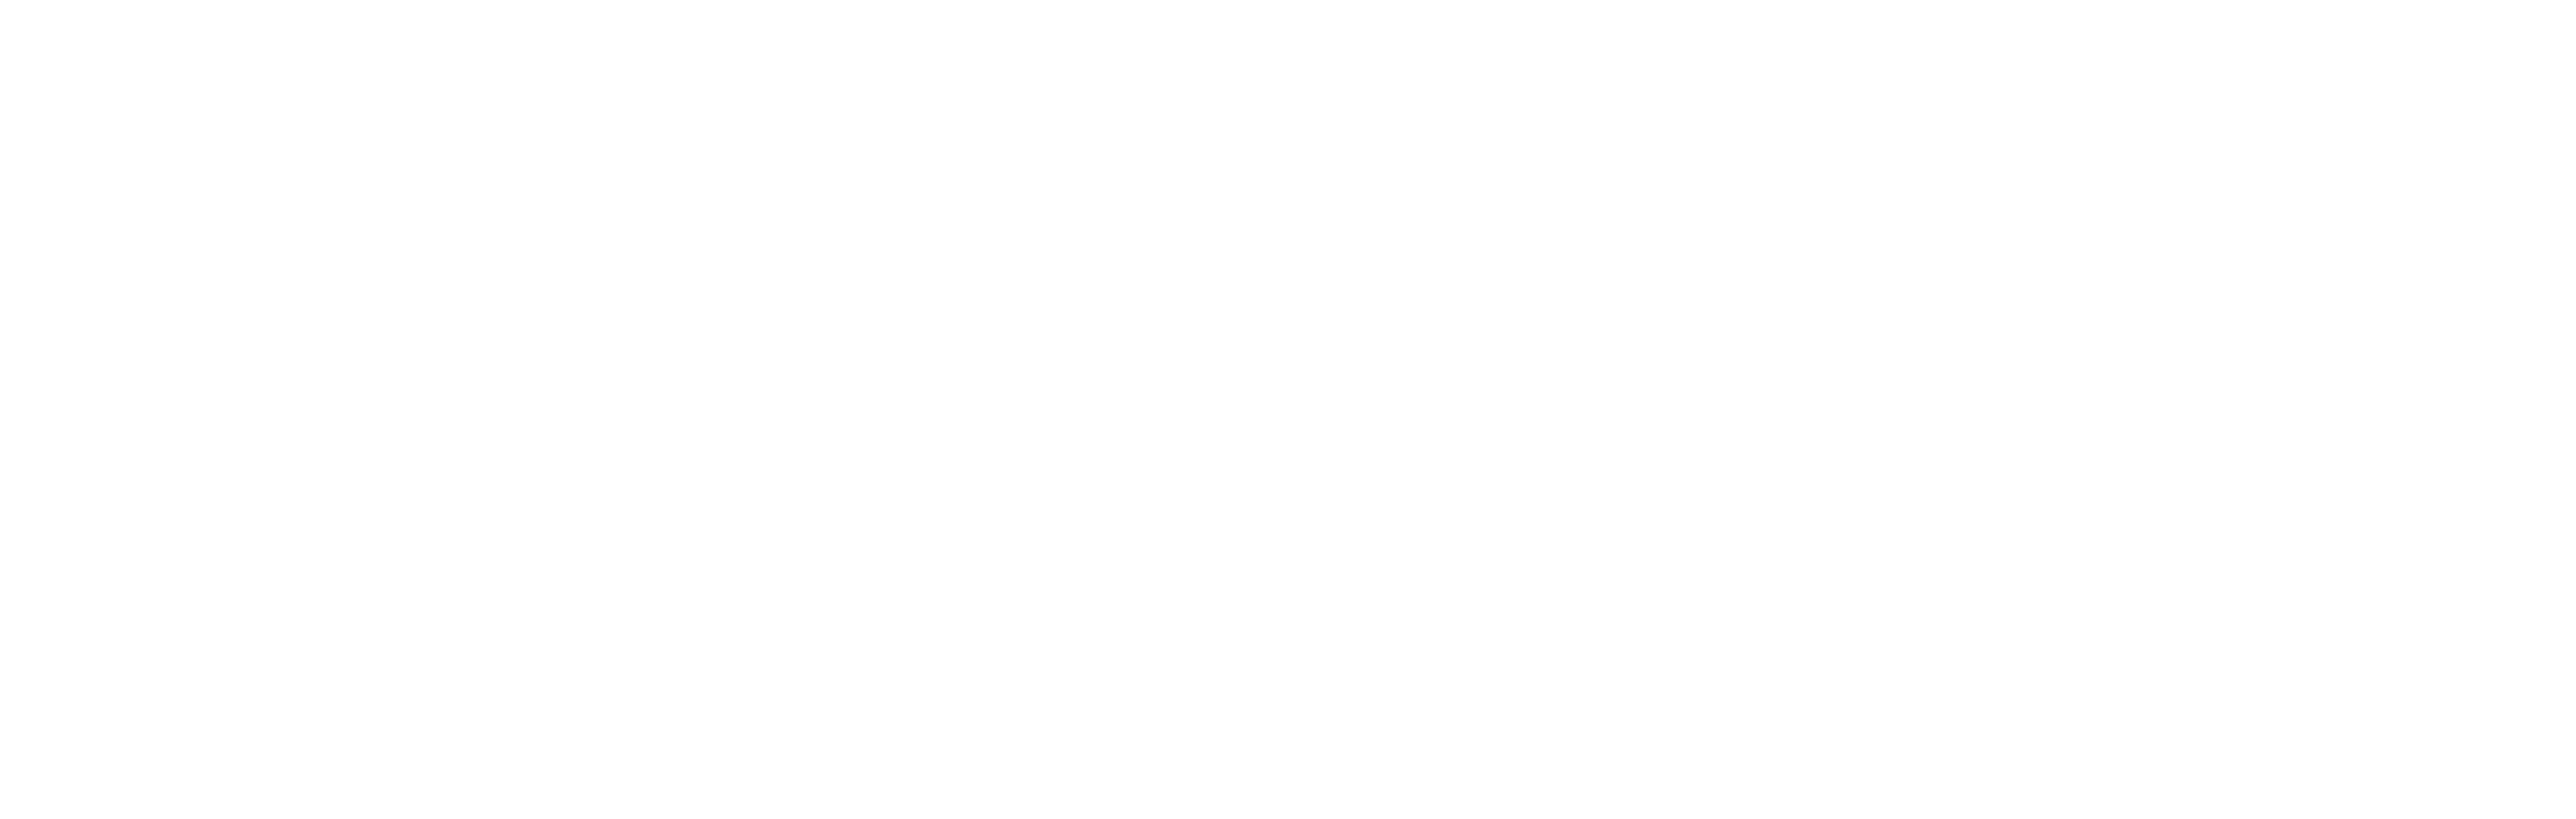 ALLELES Design Studio